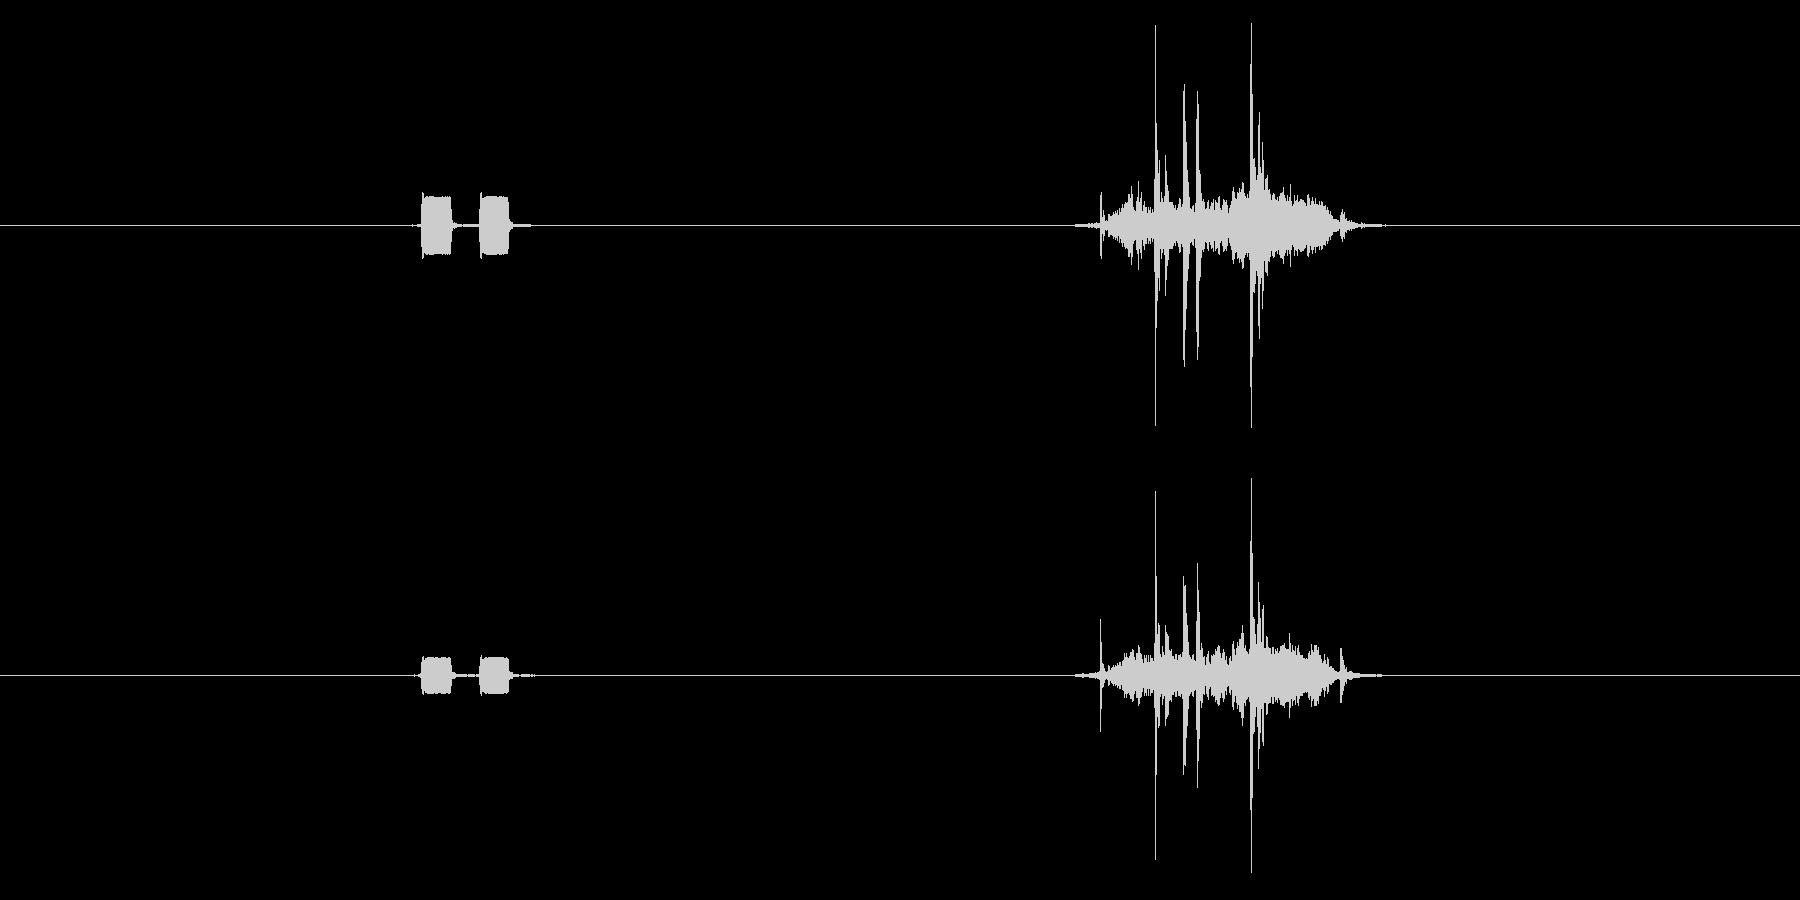 【録音】電子音+シャッター音[短め]の未再生の波形